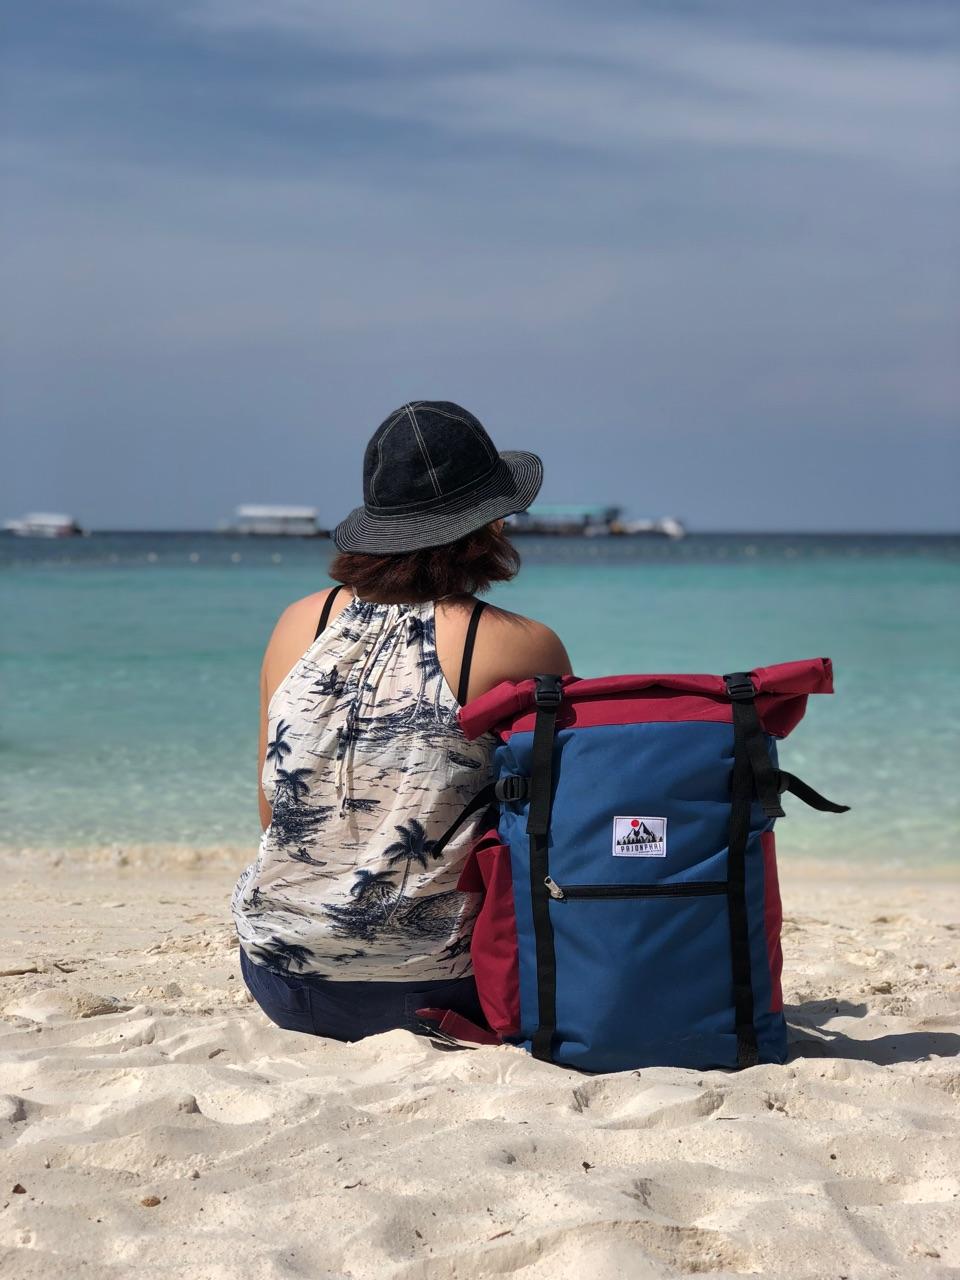 กระเป๋า,กระเป๋าสะพาย,กระเป๋าเป้,กระเป๋าเดินทาง